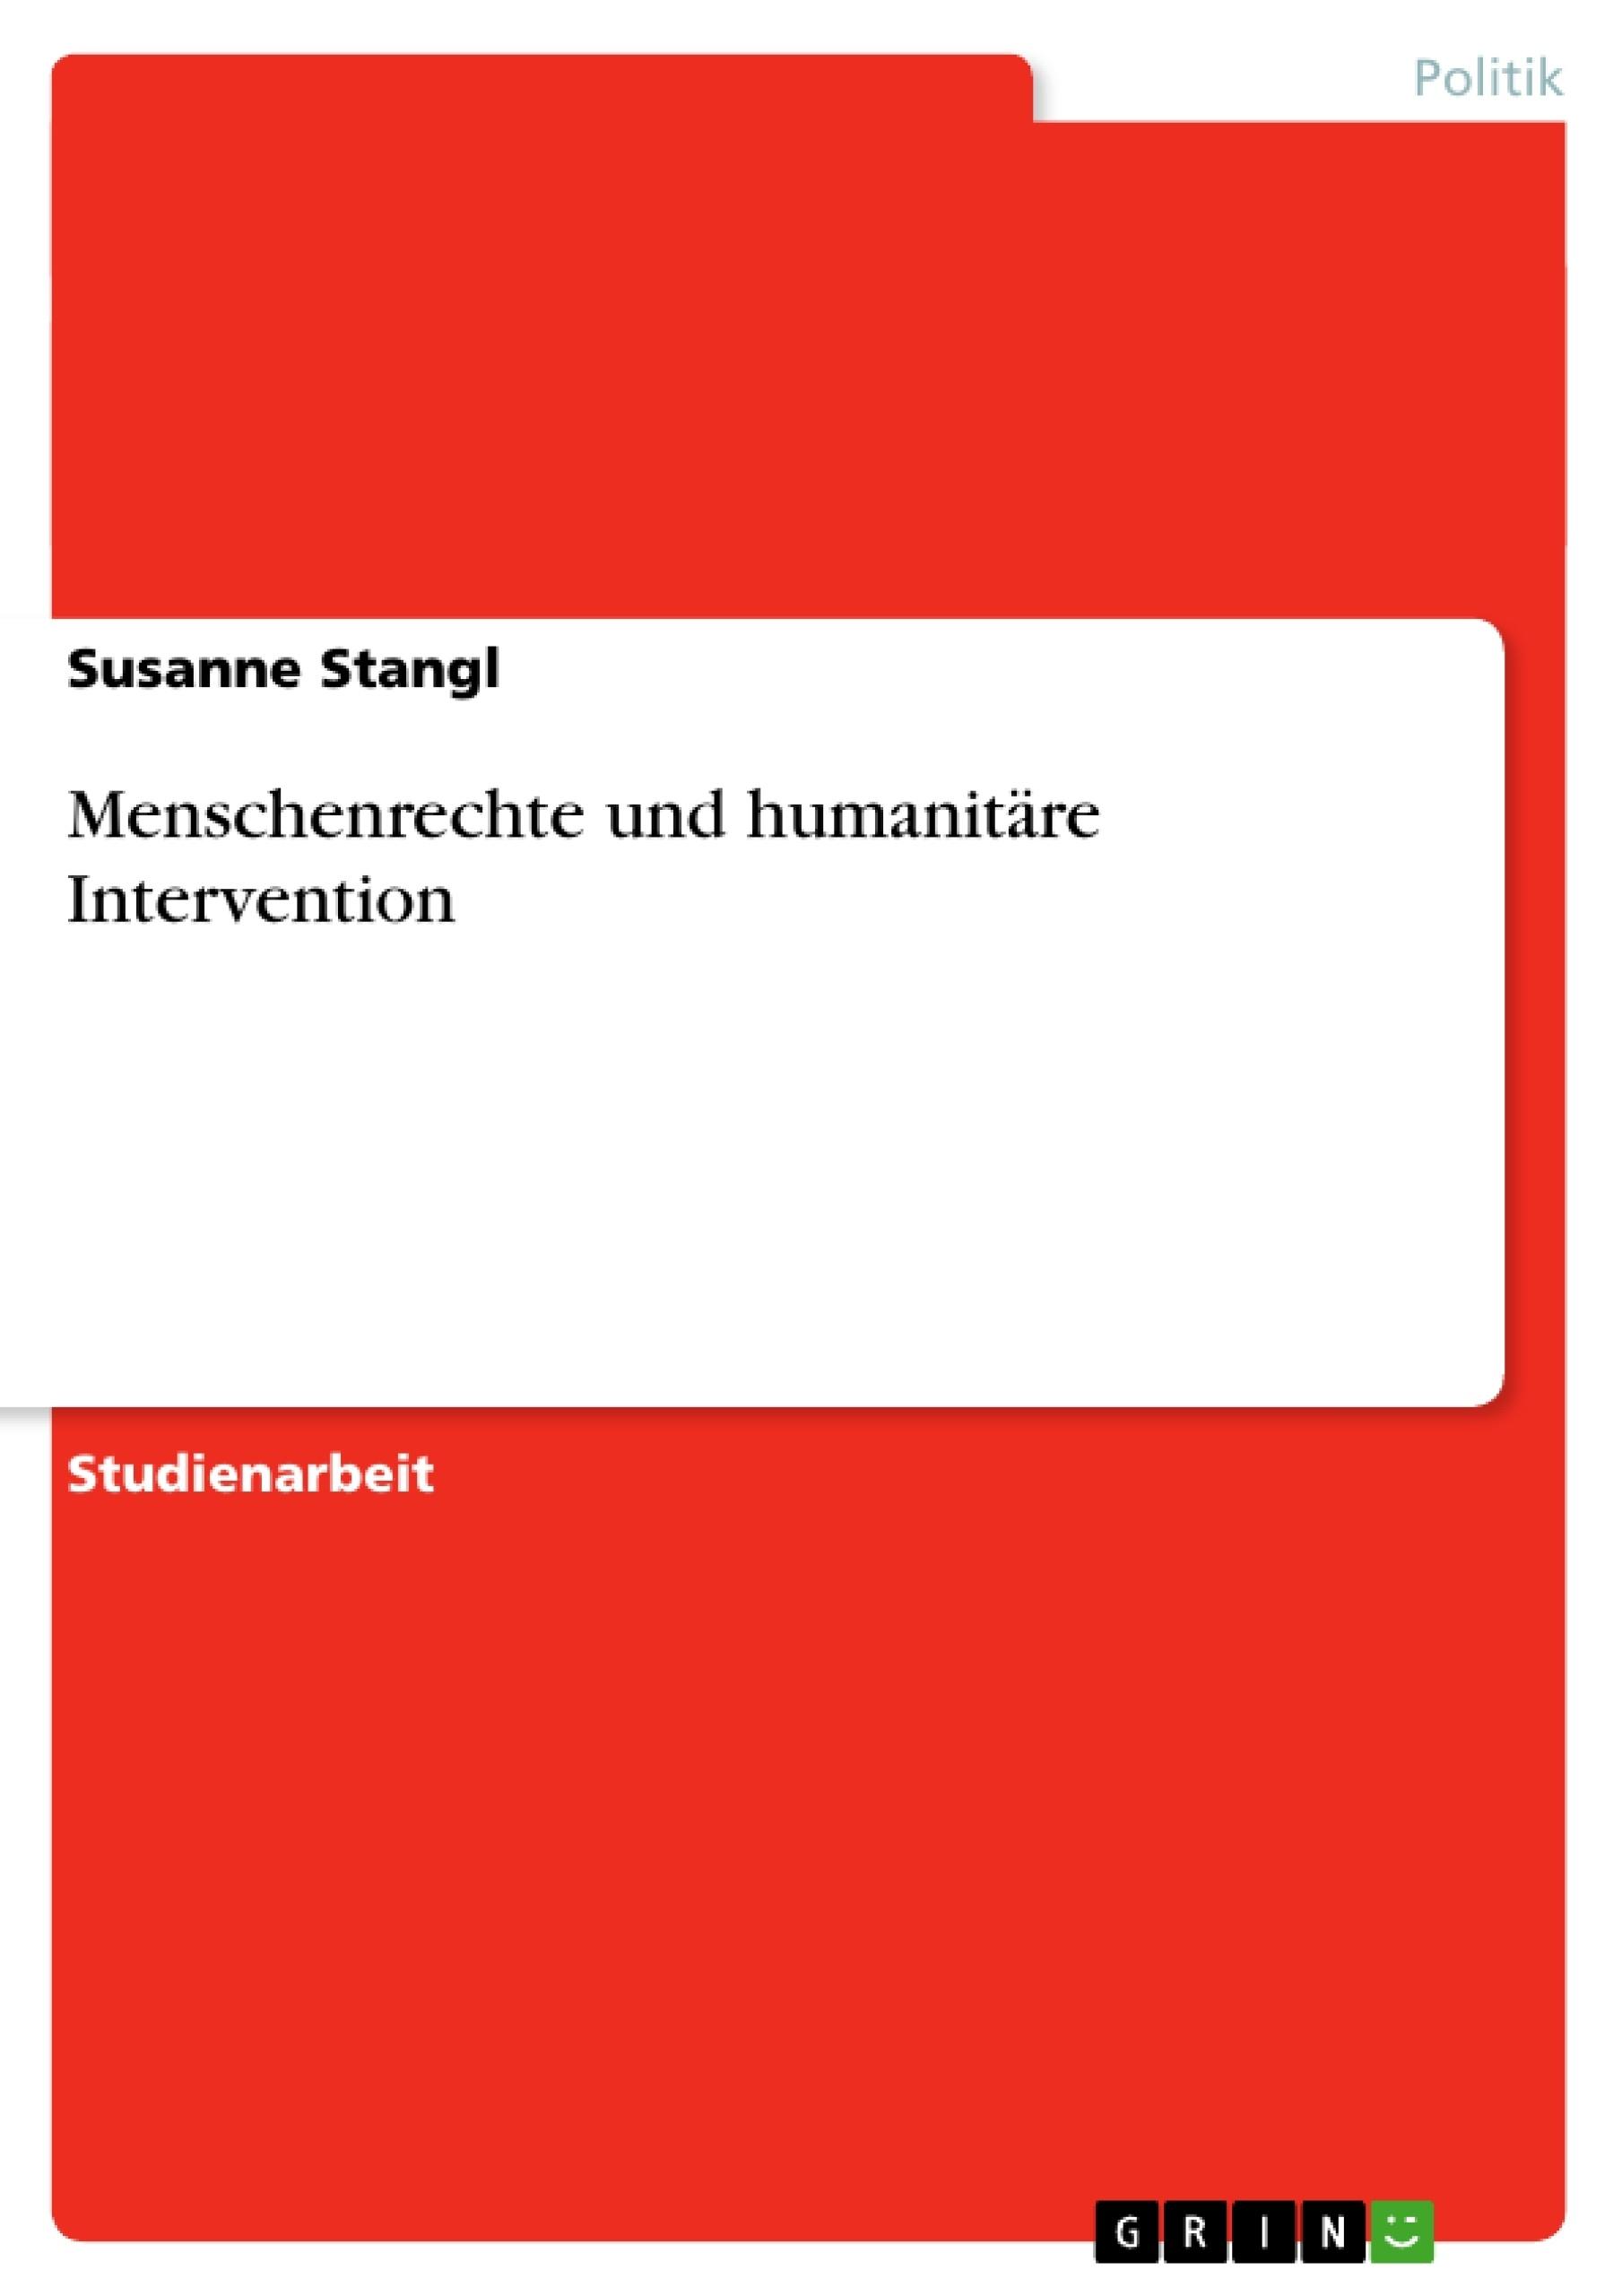 Titel: Menschenrechte und humanitäre Intervention